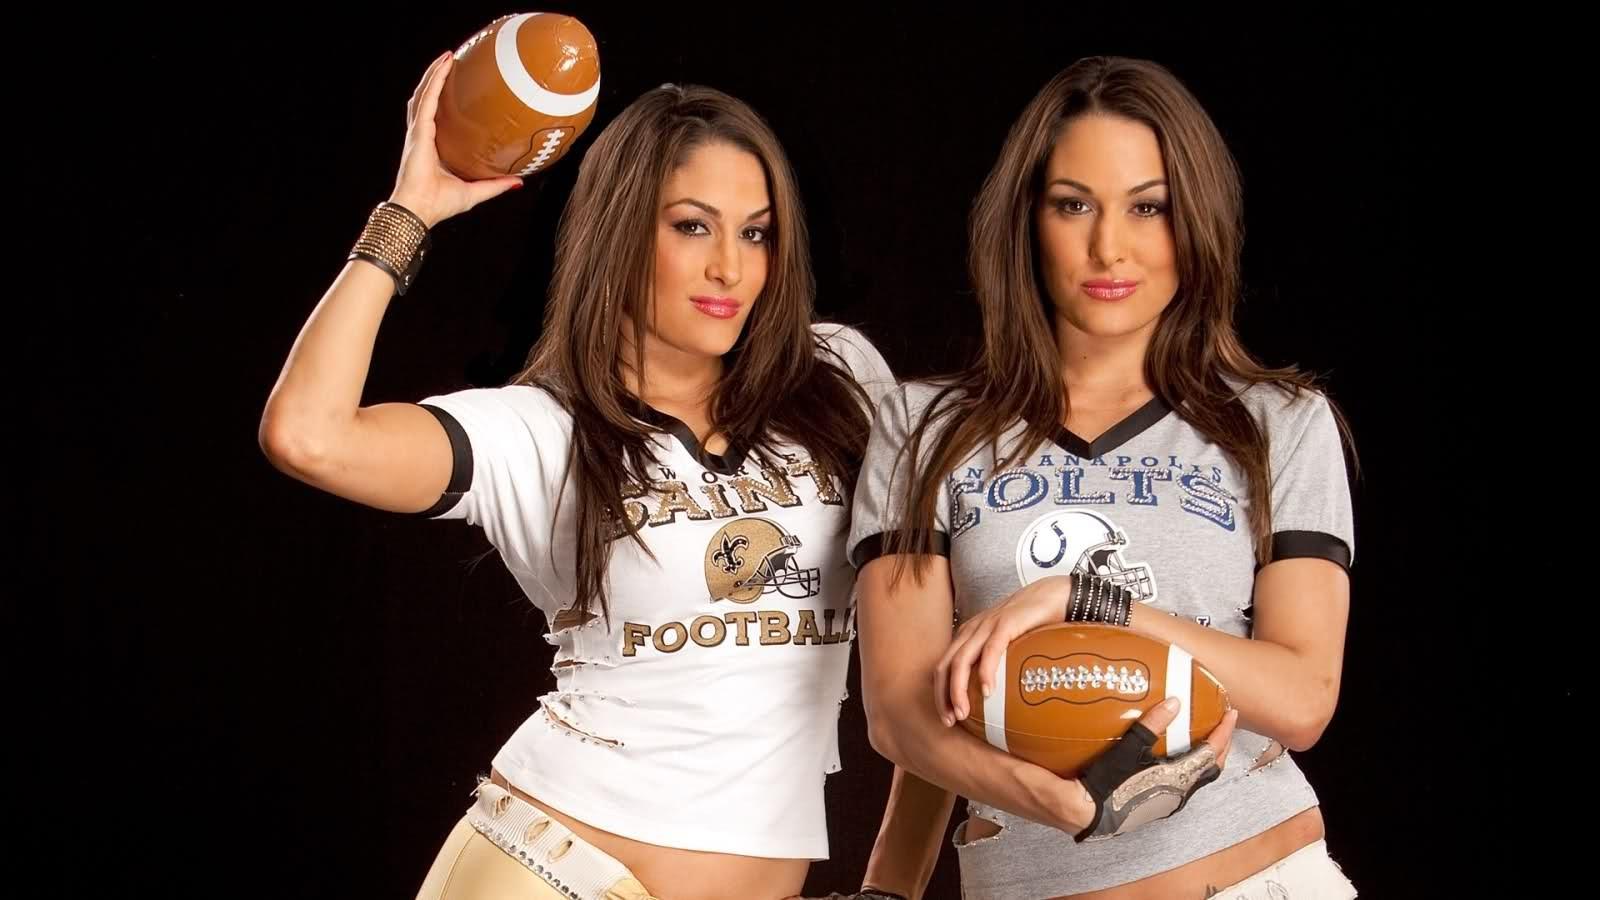 New Orleans Saints Backgrounds